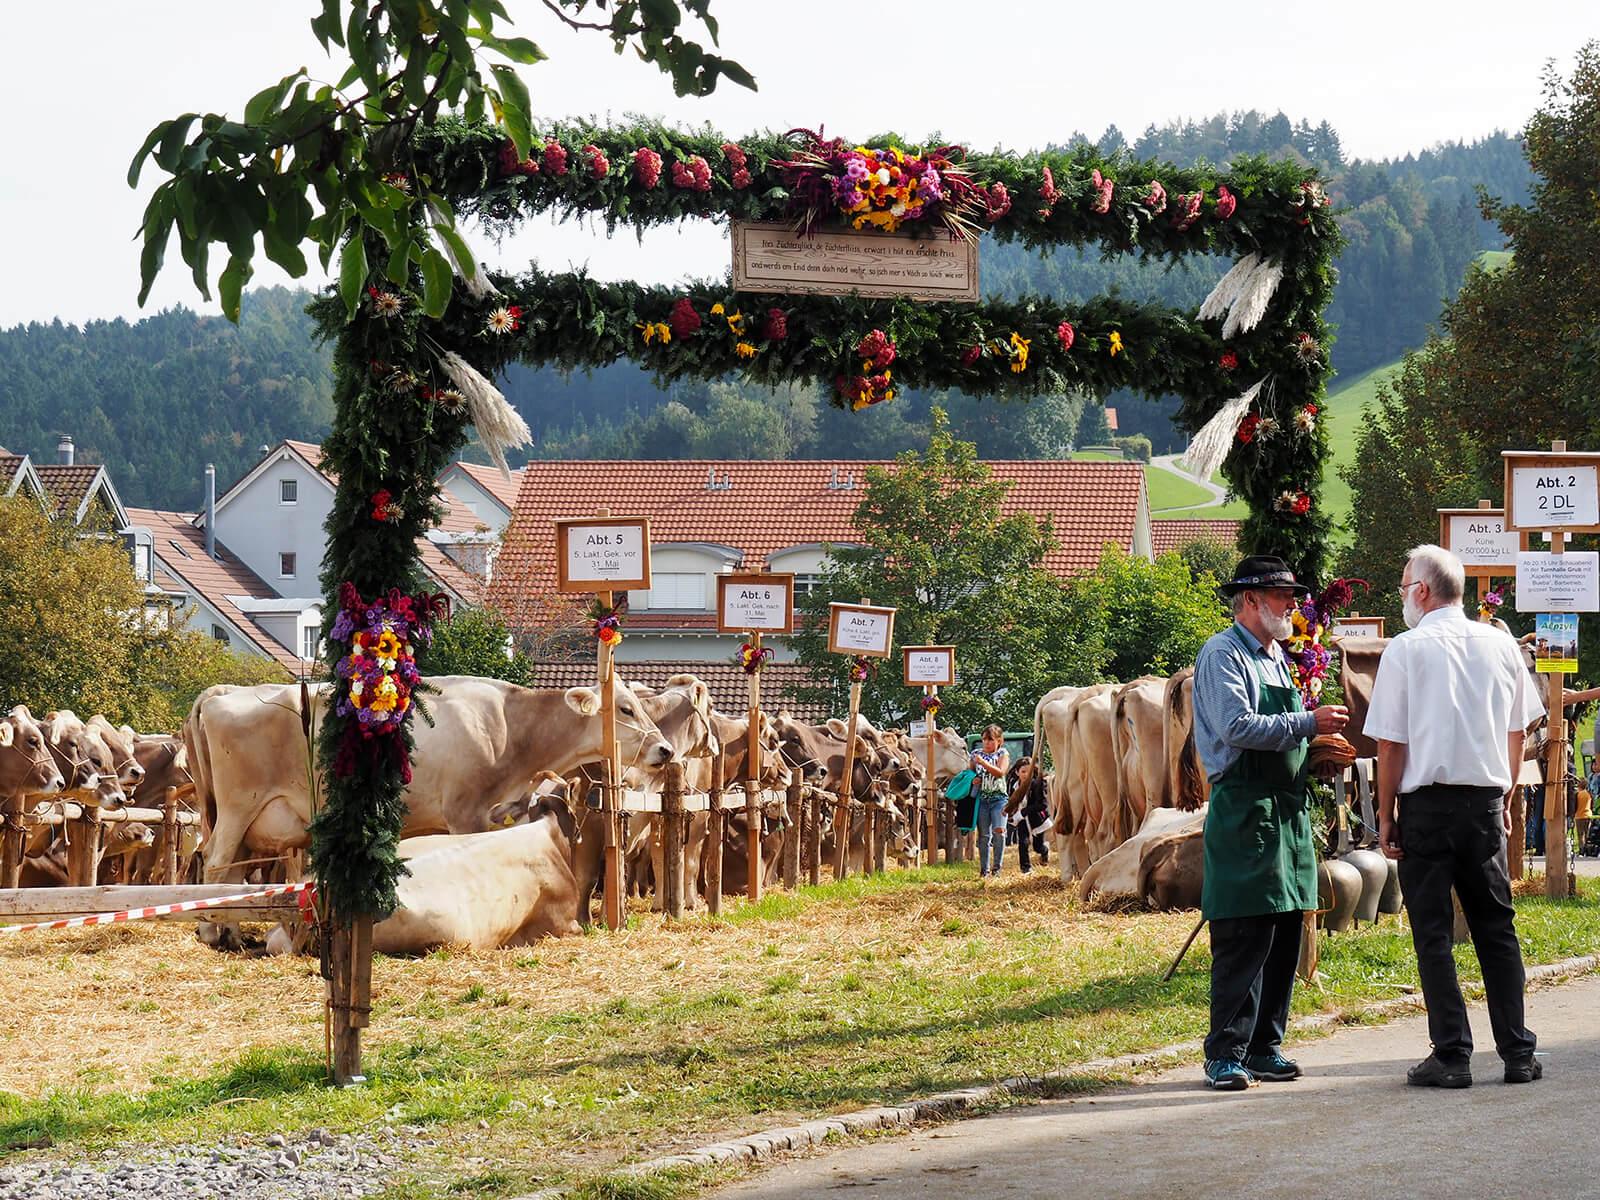 Cattle Show in Heiden, Appenzell Ausserrhoden